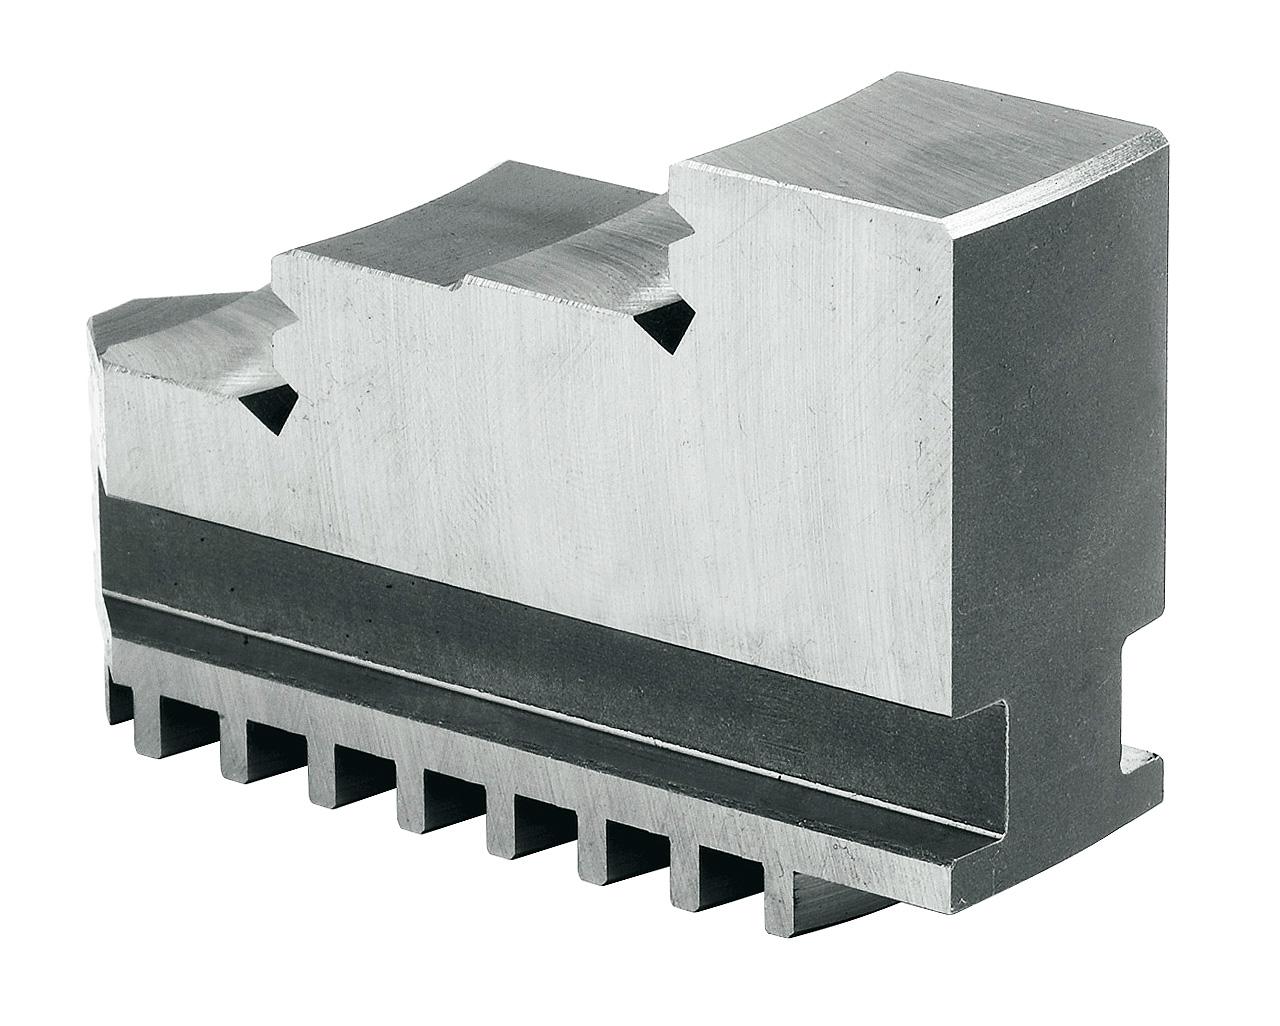 Szczęki jednolite twarde wewnętrzne - komplet IJ-PS3-400 BERNARDO